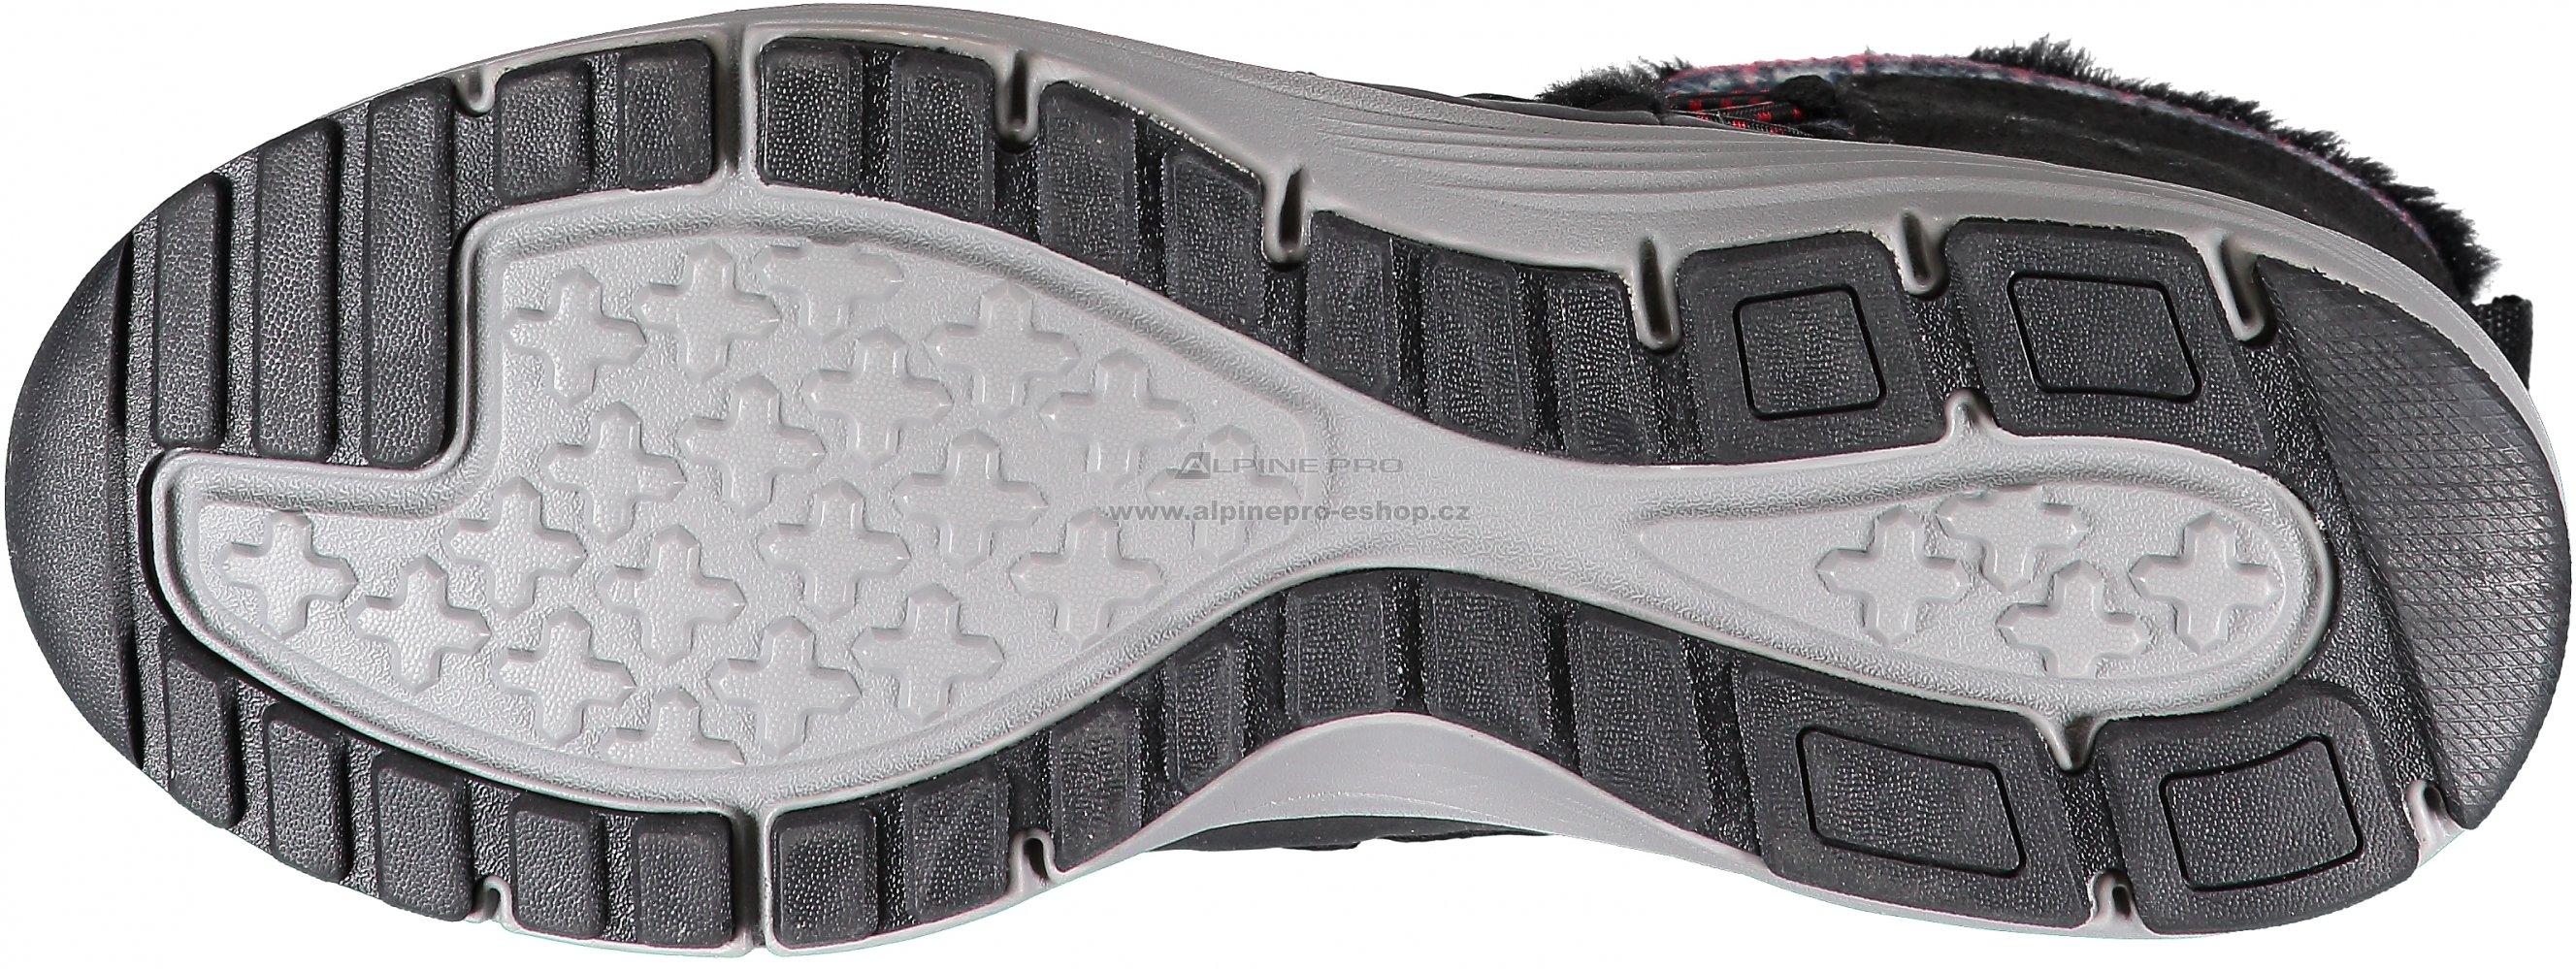 c652743ed2bb Dámské zimní boty ALPINE PRO DARLEEN LBTK145 ČERNÁ velikost  EU 39 ...